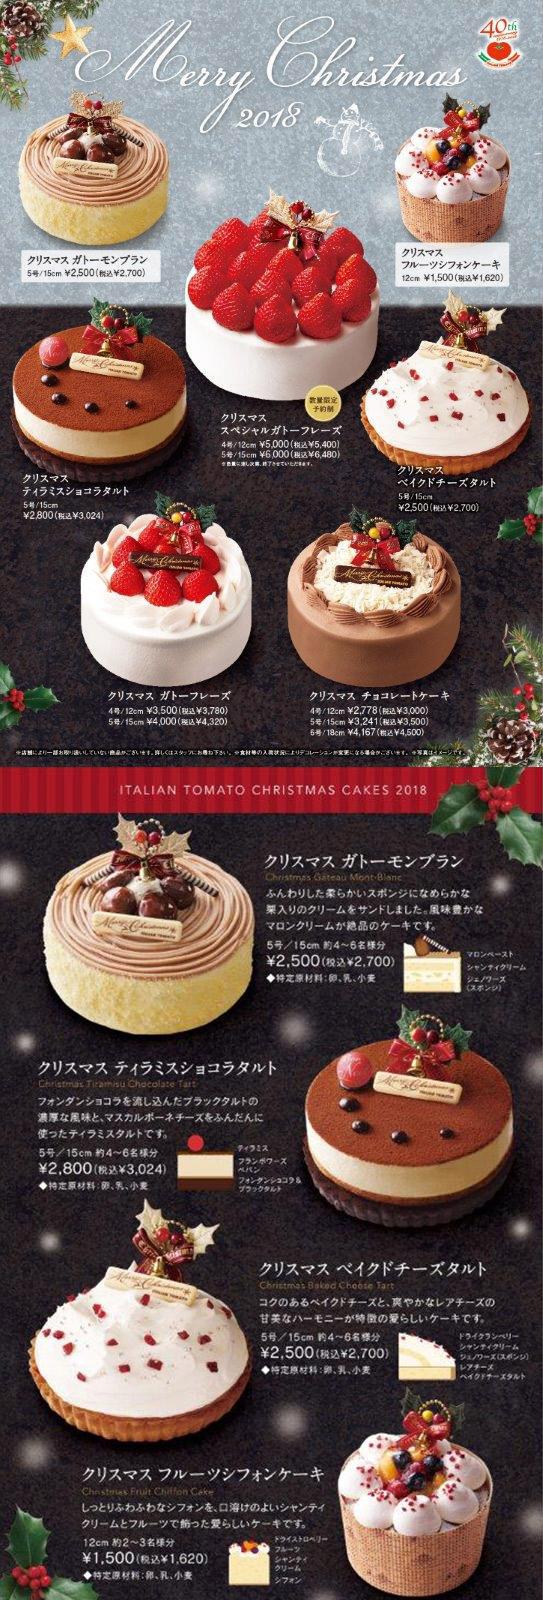 イタリアン・トマト カフェジュニアのクリスマスケーキ早期予約開始!